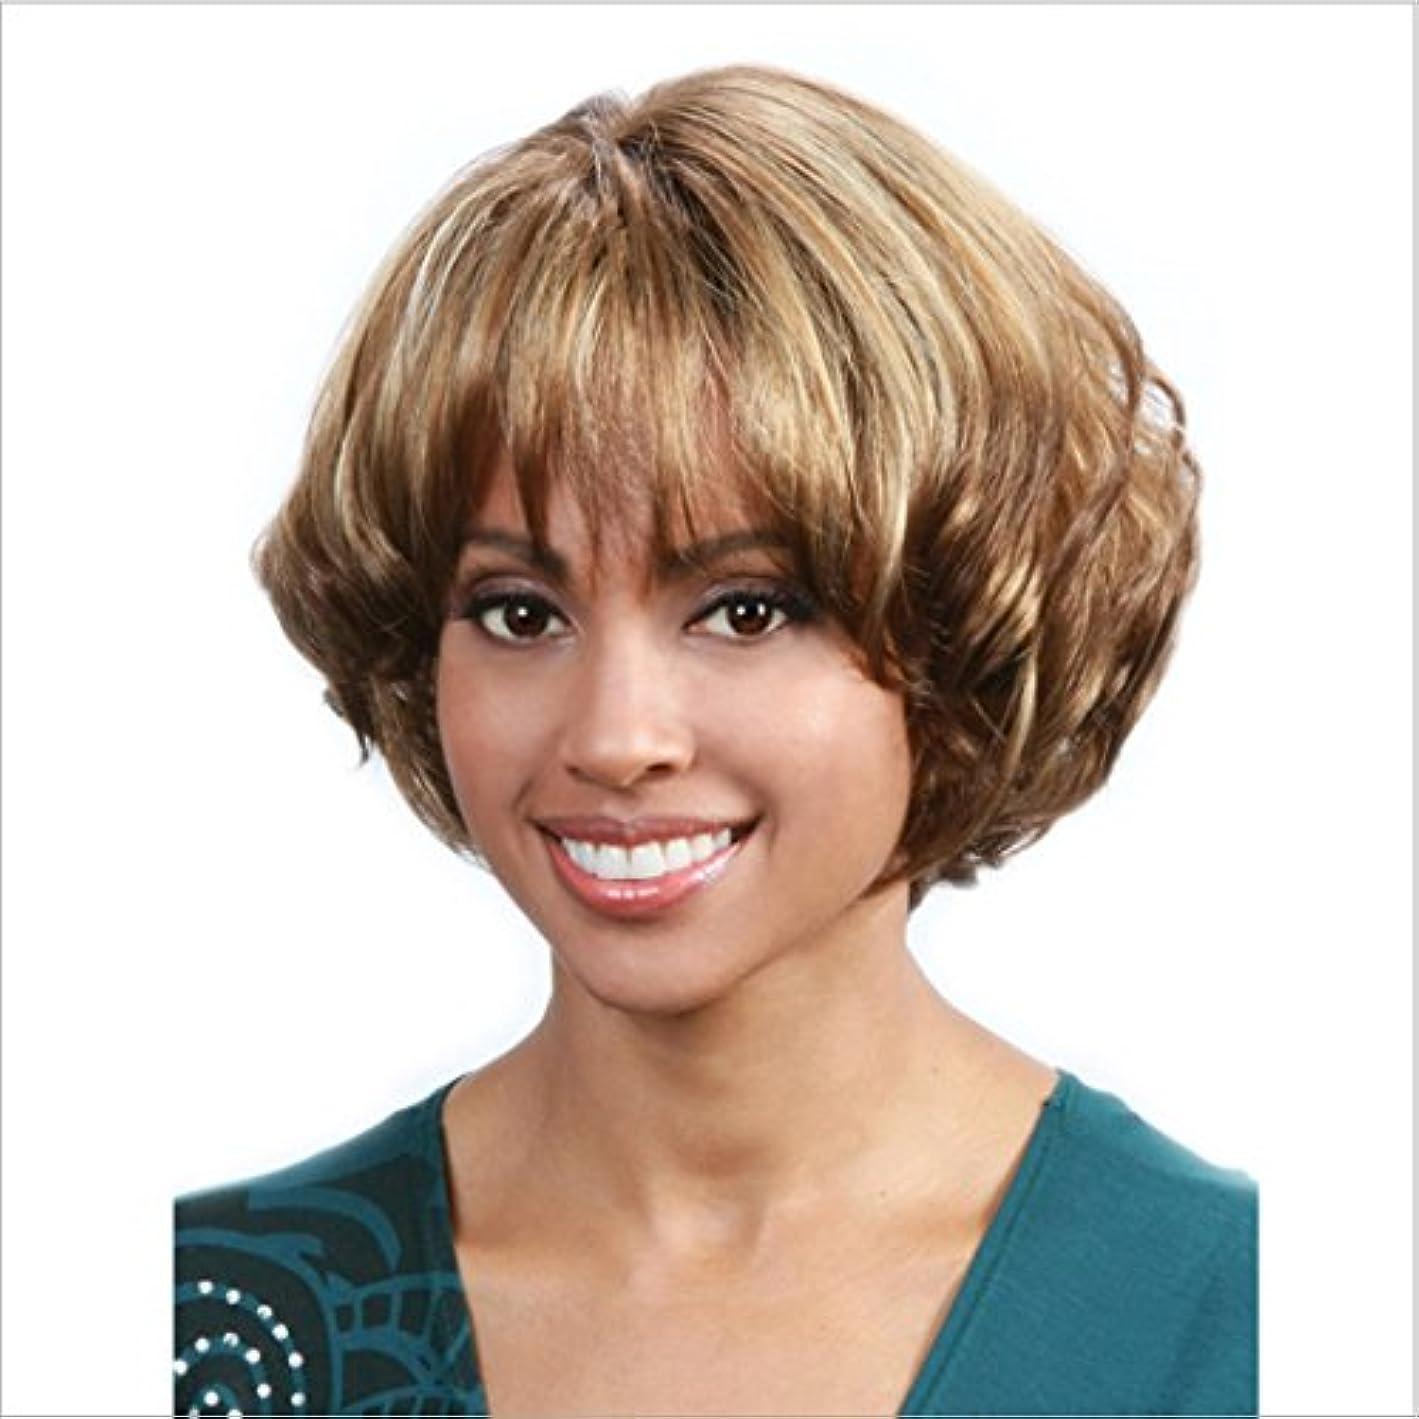 幾分親シルクYOUQIU フラッツ前髪10インチ/ 150グラムのウィッグと白い女性ショート茶色と黒のウィッグ耐熱Resisitant髪ふわふわウィッグのために混合色のウィッグカーリー人工毛 (色 : Brown and black)